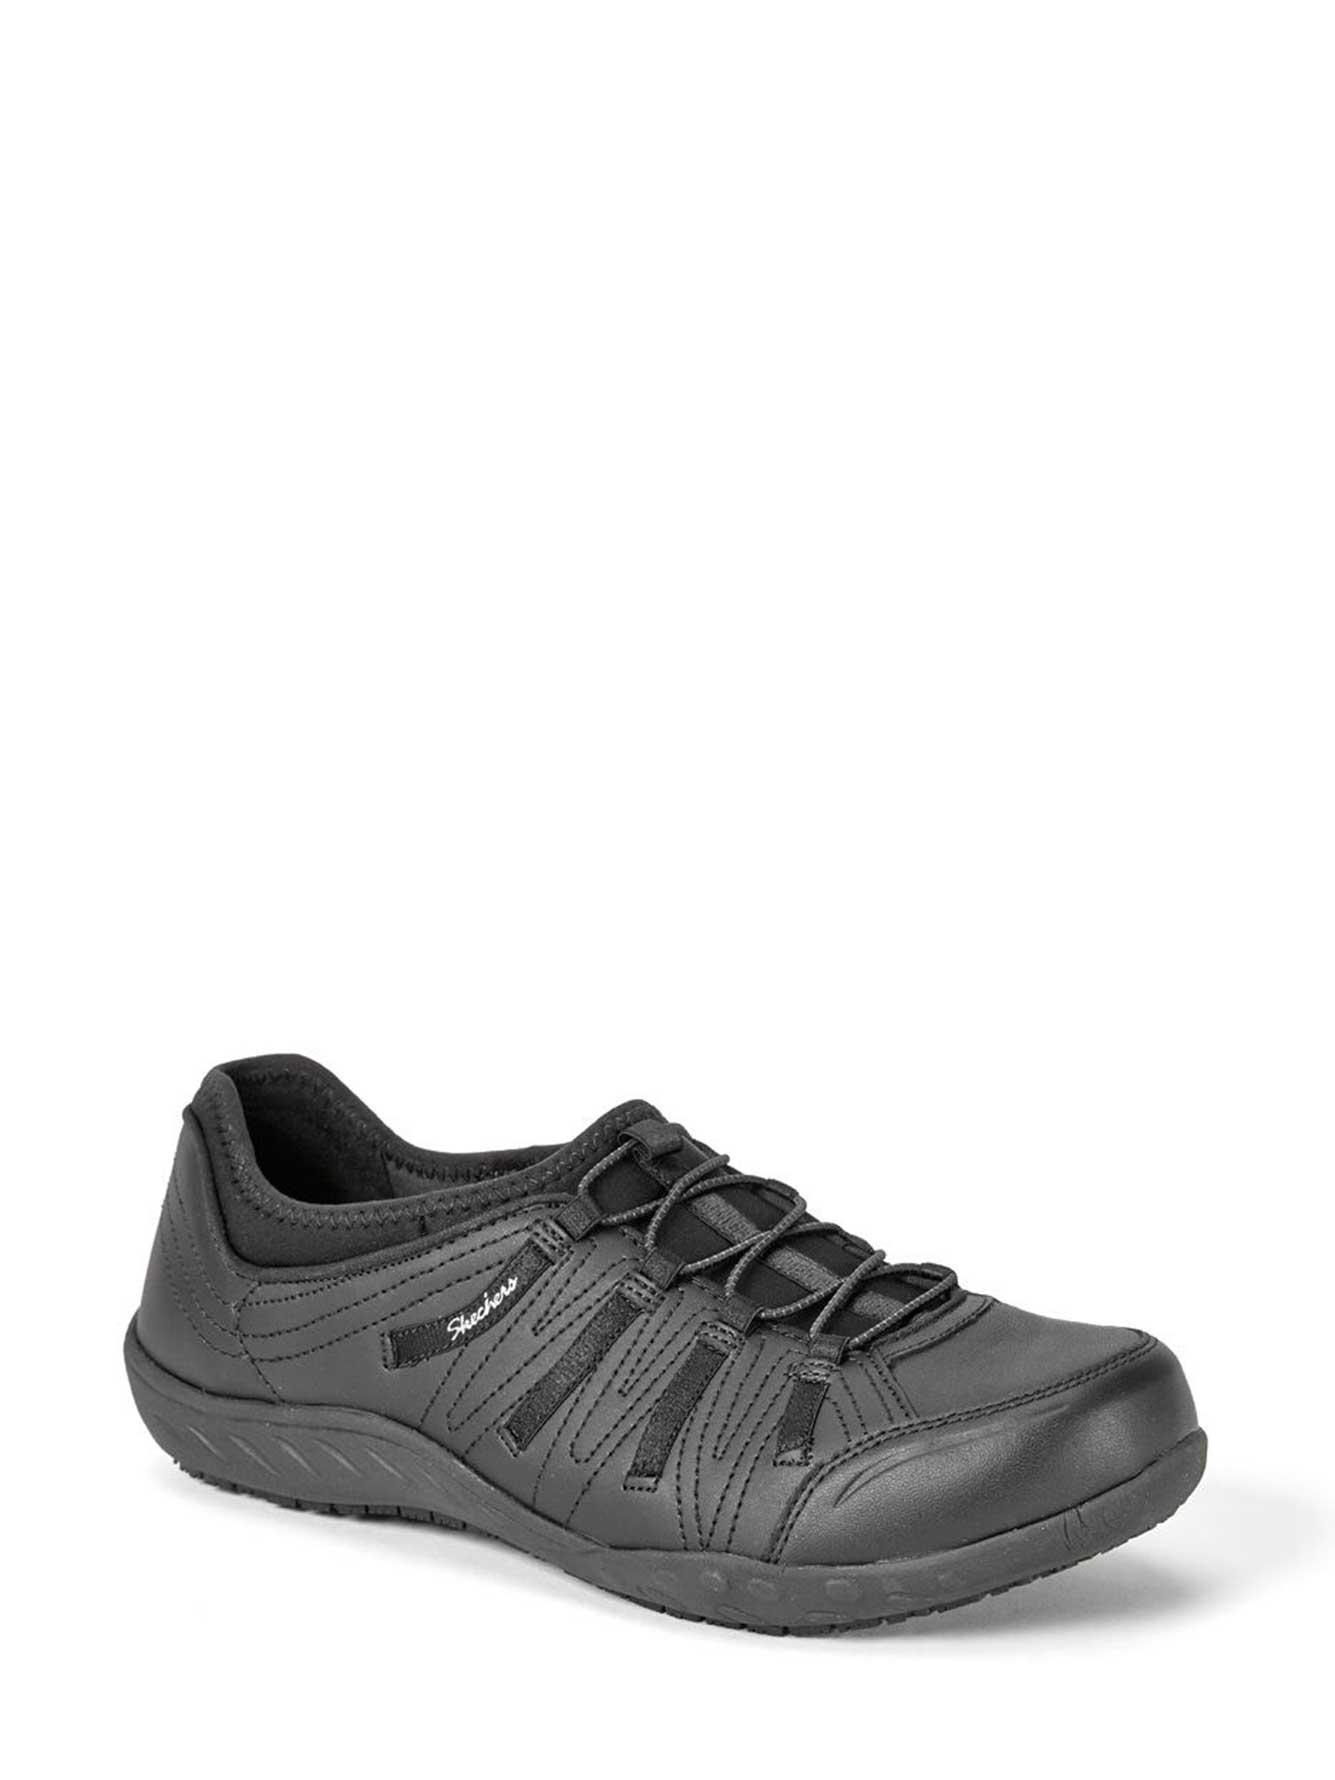 chaussures de marche pieds larges. Black Bedroom Furniture Sets. Home Design Ideas